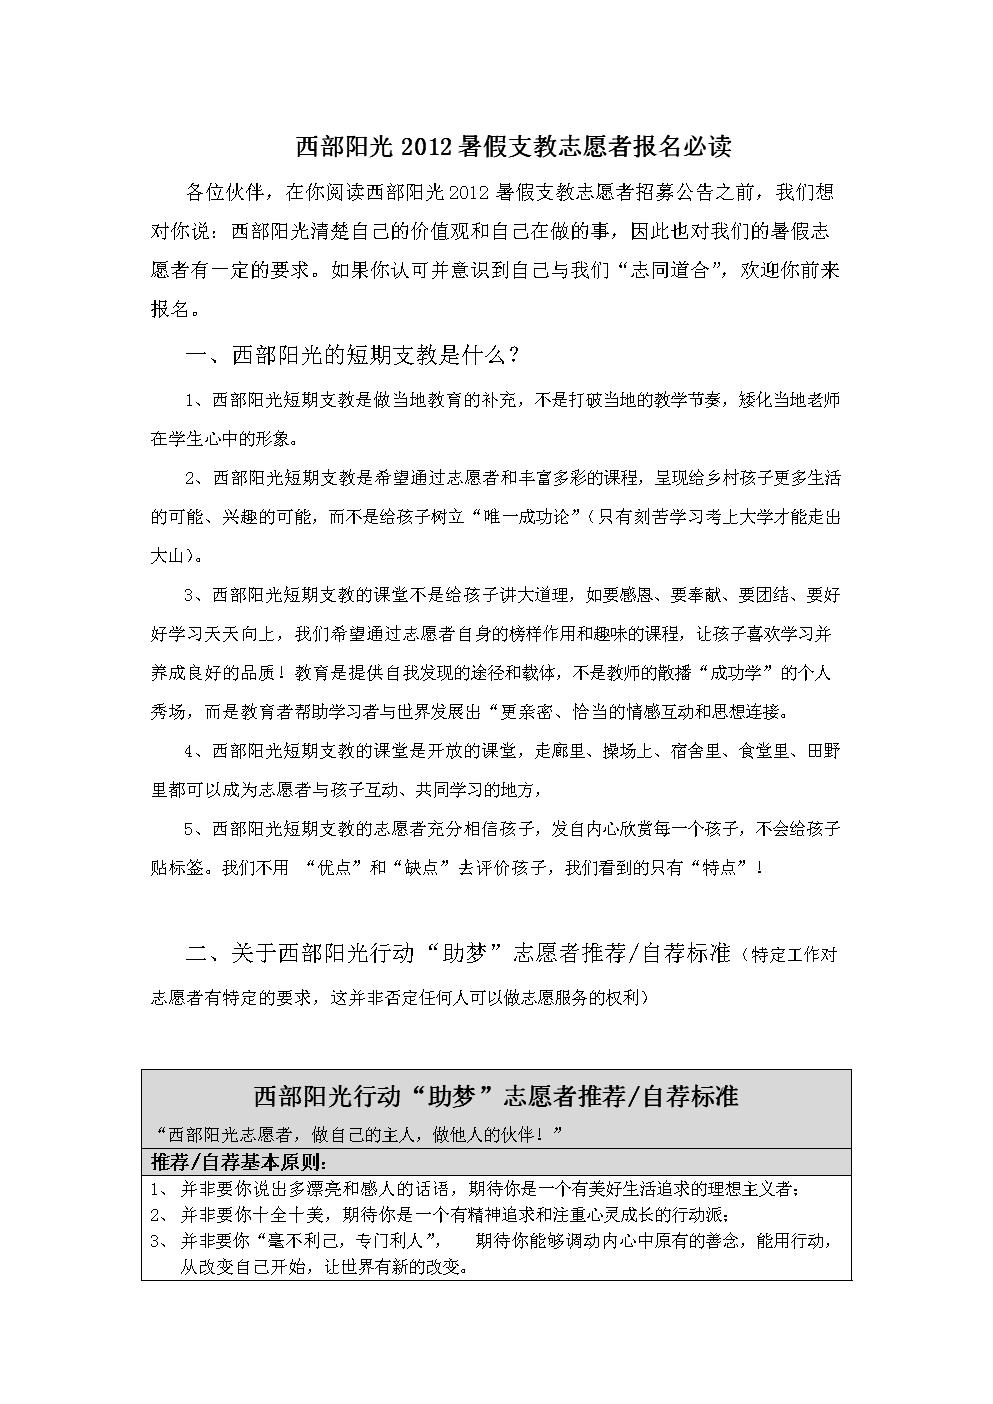 01-西部陽光2012暑假支教志愿者報名必讀.doc